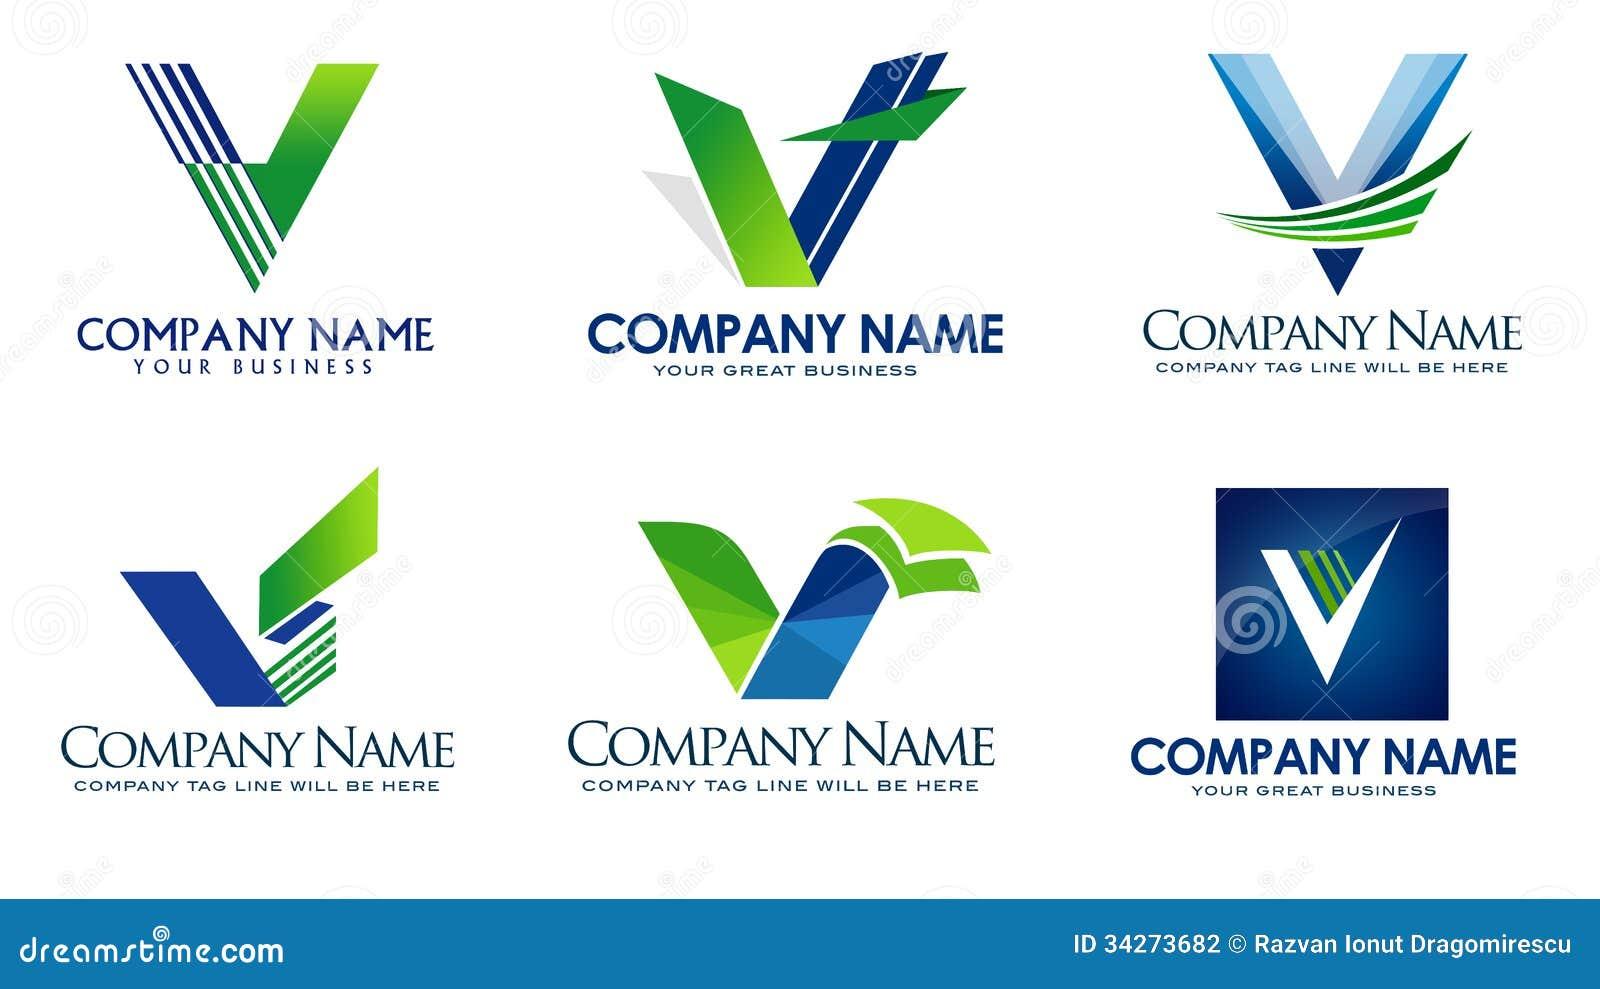 V Company Logo V Logo Stock Photography